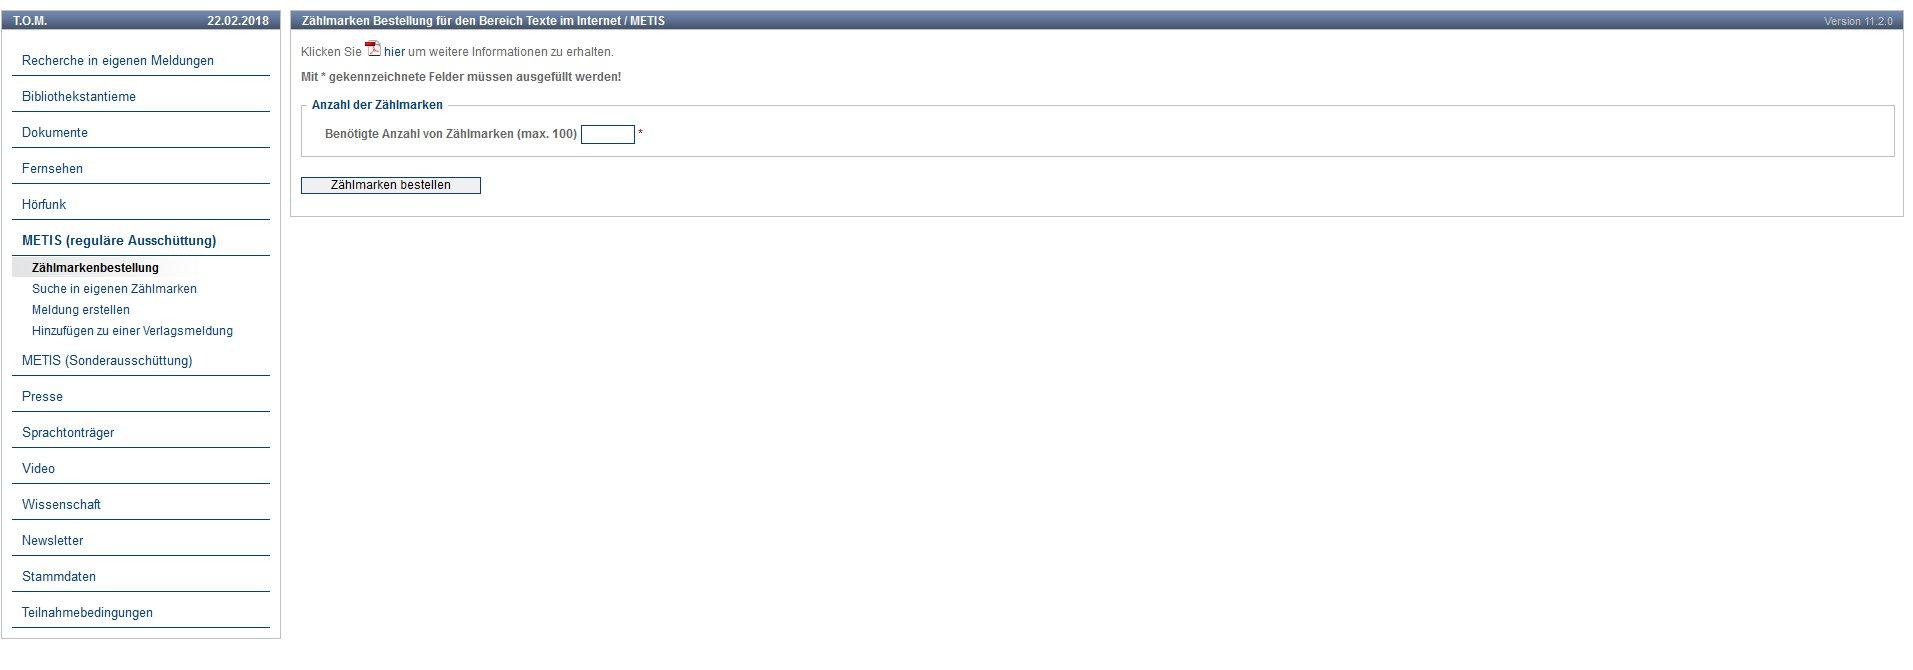 """VG Wort https bzw. ssl Verschlüsselung nutzen – Wie man den VG Wort Zählpixel auf Webseiten nach einer Umstellung auf ein SSL Zertifikat einbinden muss um unter https keinen """"unsicheren"""" gemischten Inhalt zu generieren"""